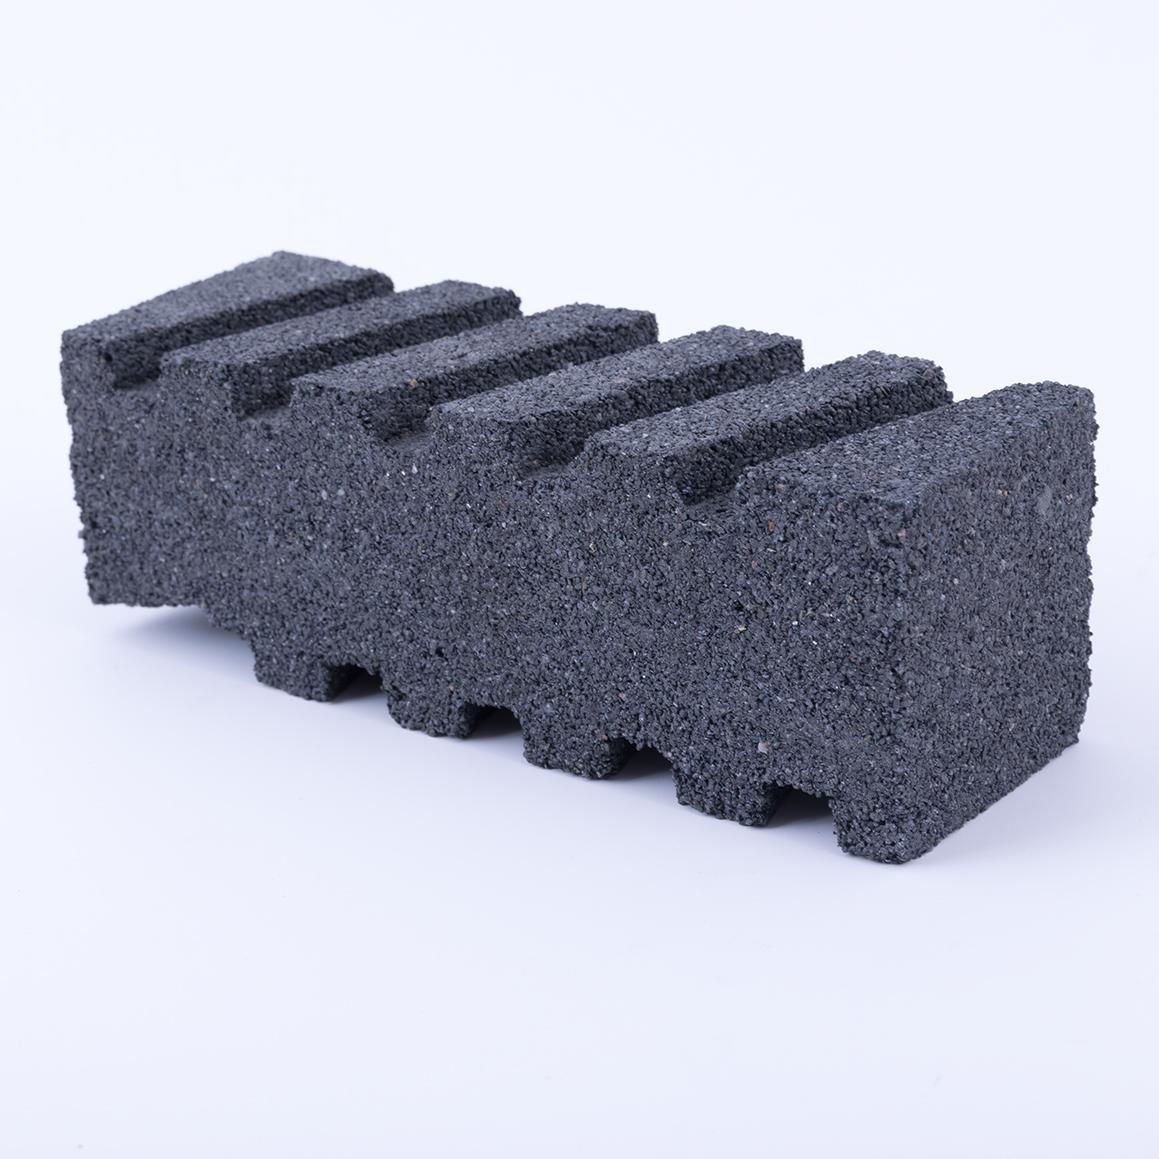 Concrete Rubbing Block